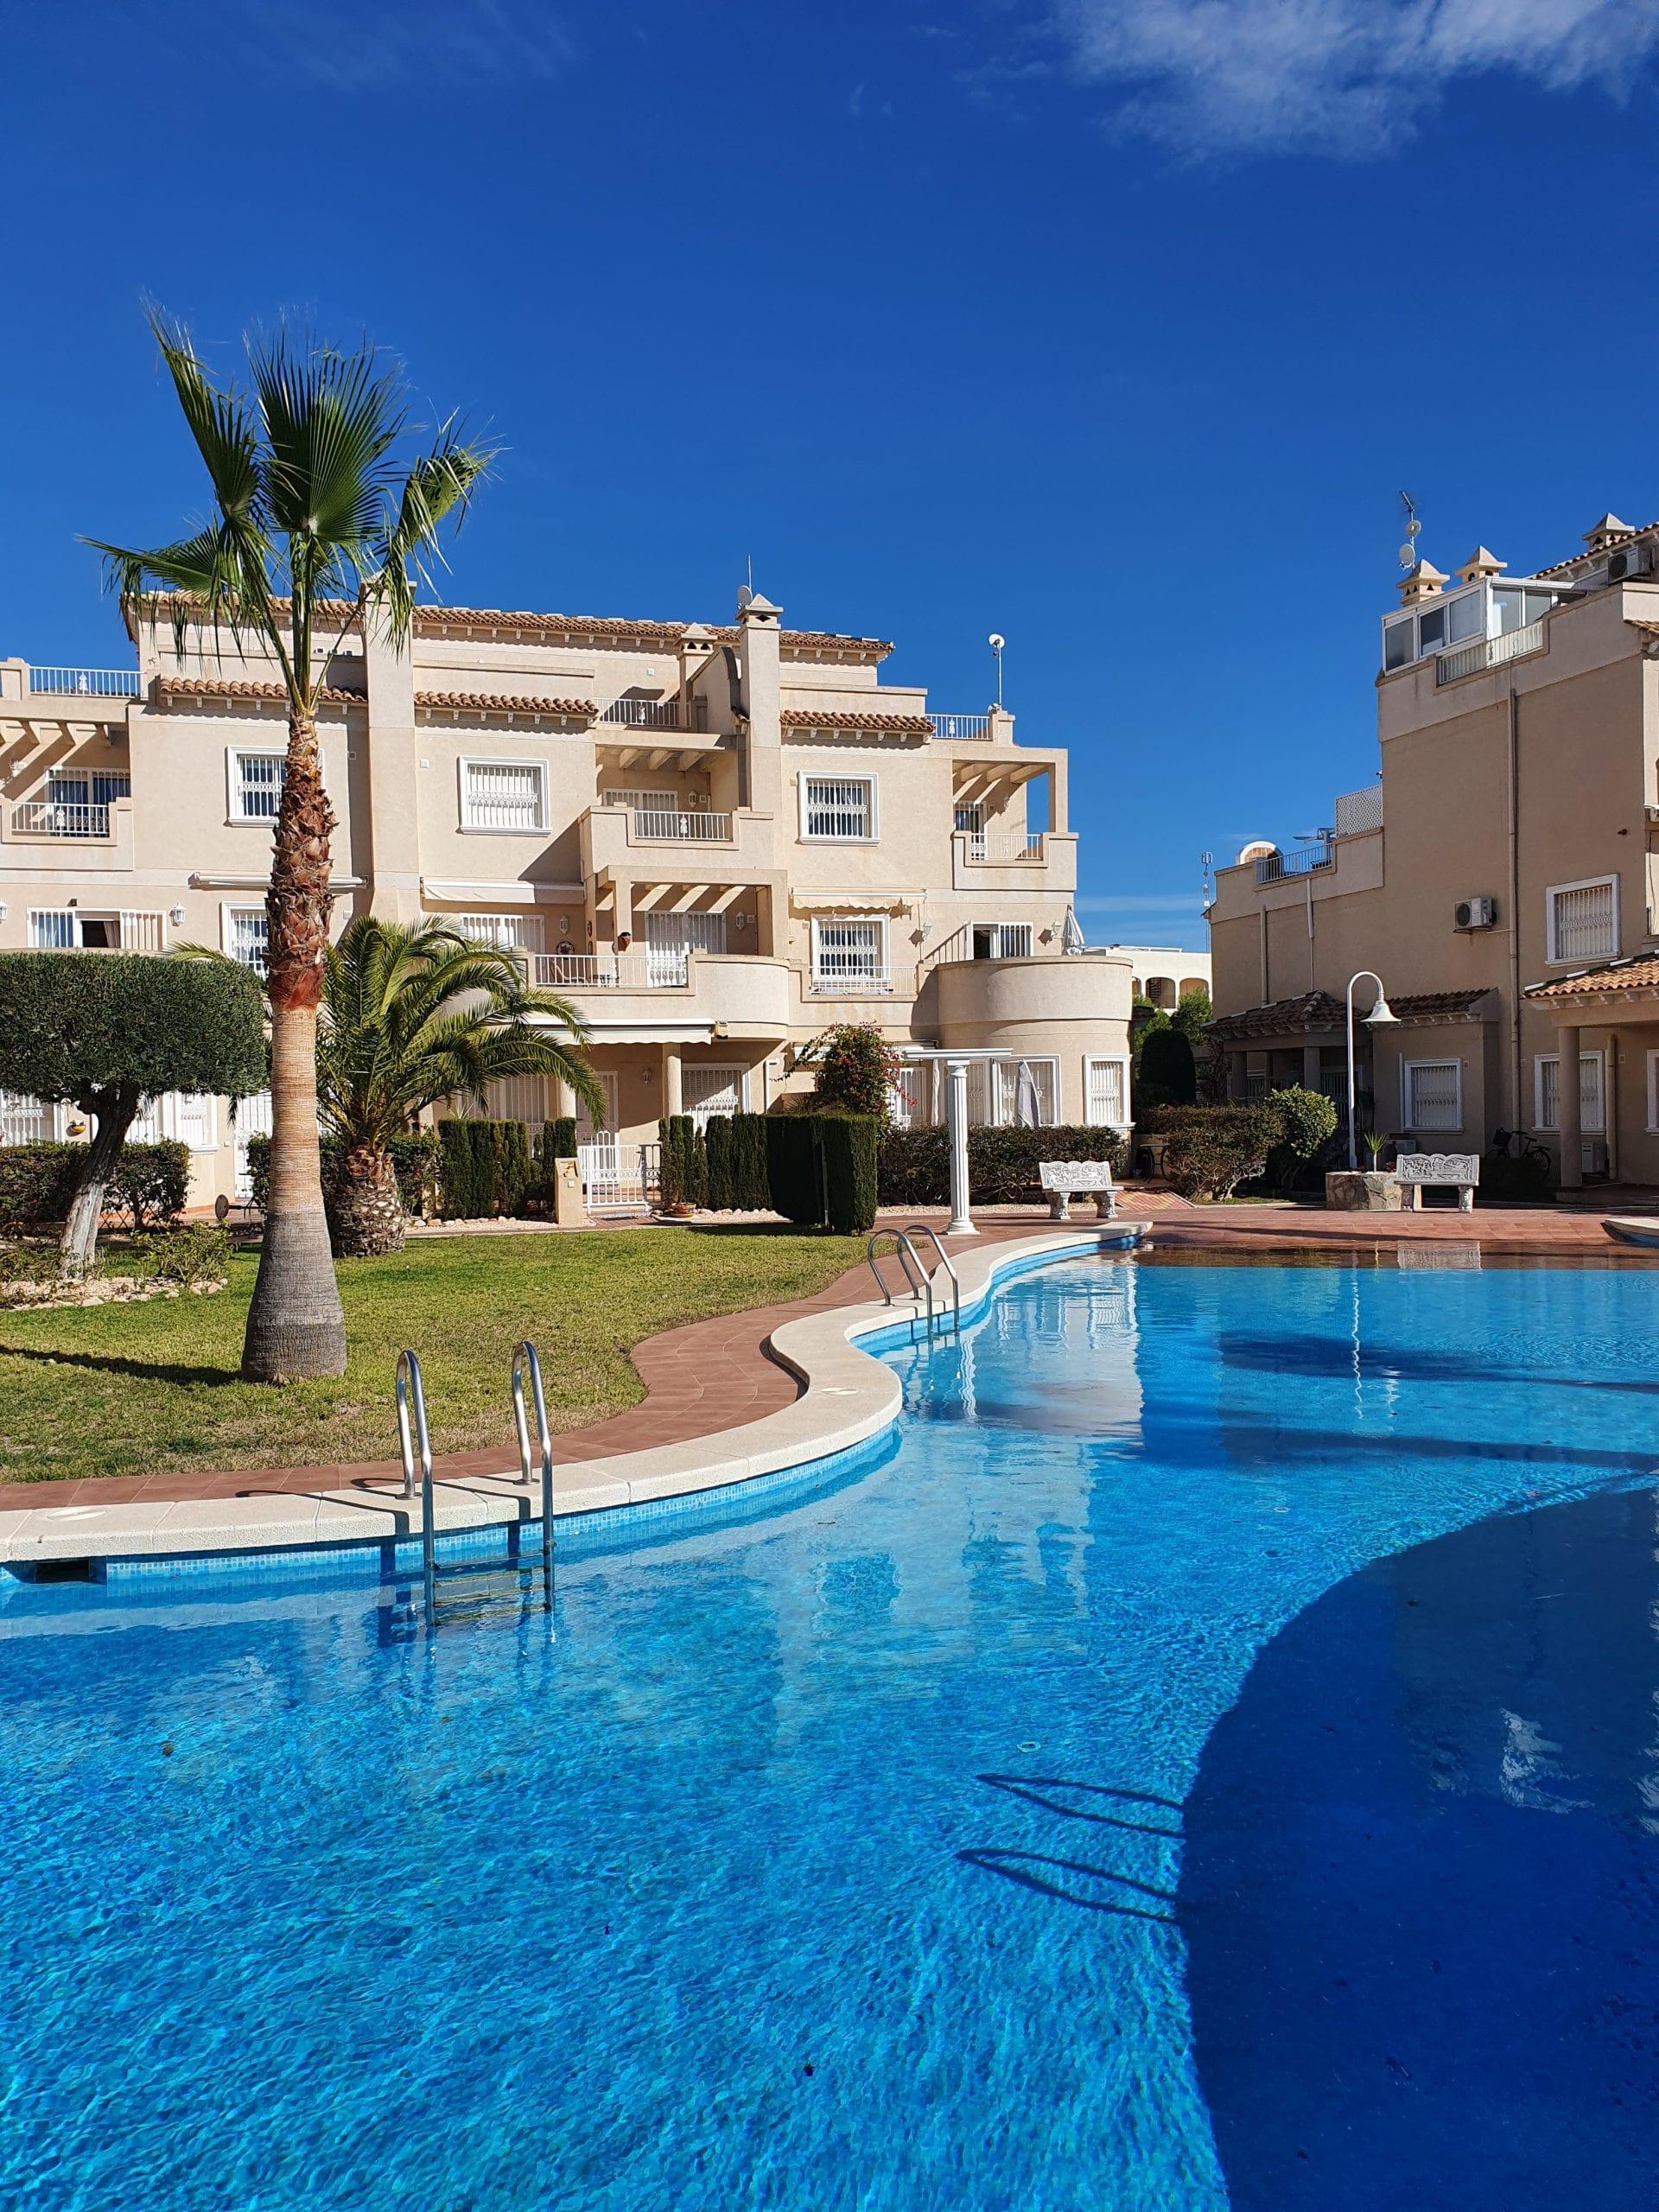 Flott bolig på det populære komplekset Miraflores 4 – en sjelden mulighet!